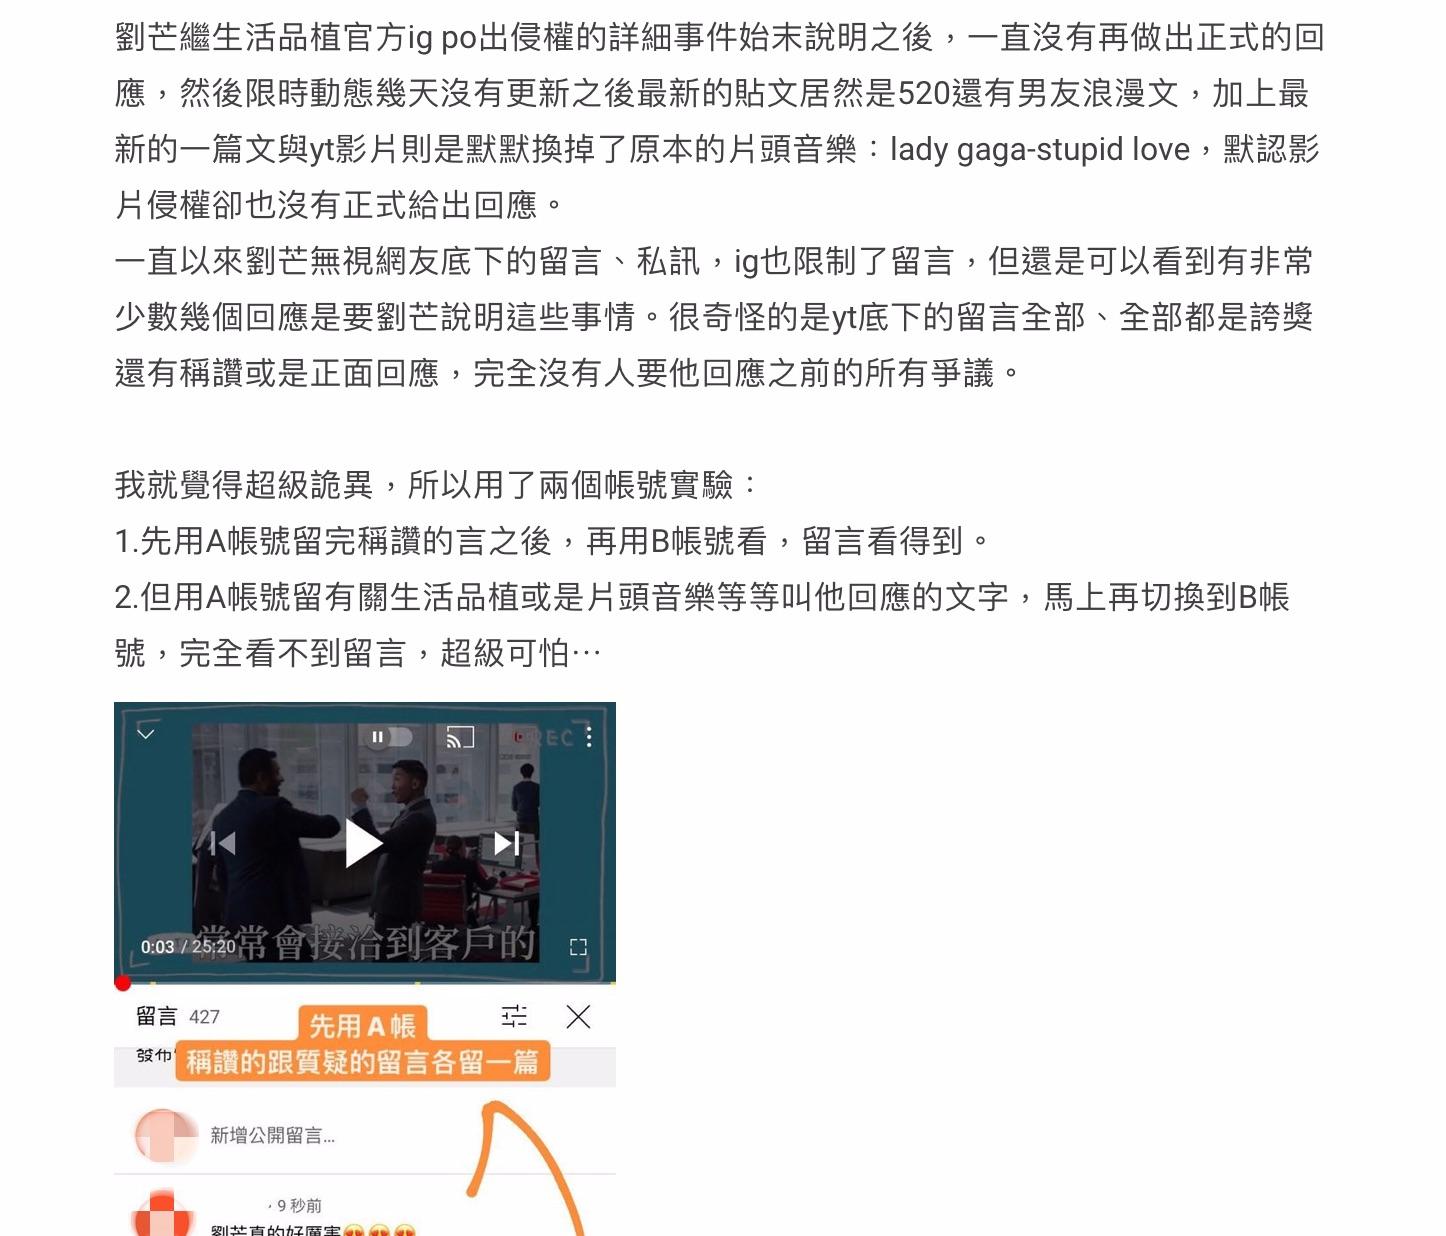 抄襲風波未落幕!劉芒再爆「Youtube封鎖特定字詞」 網傻眼:裝死讓人失望